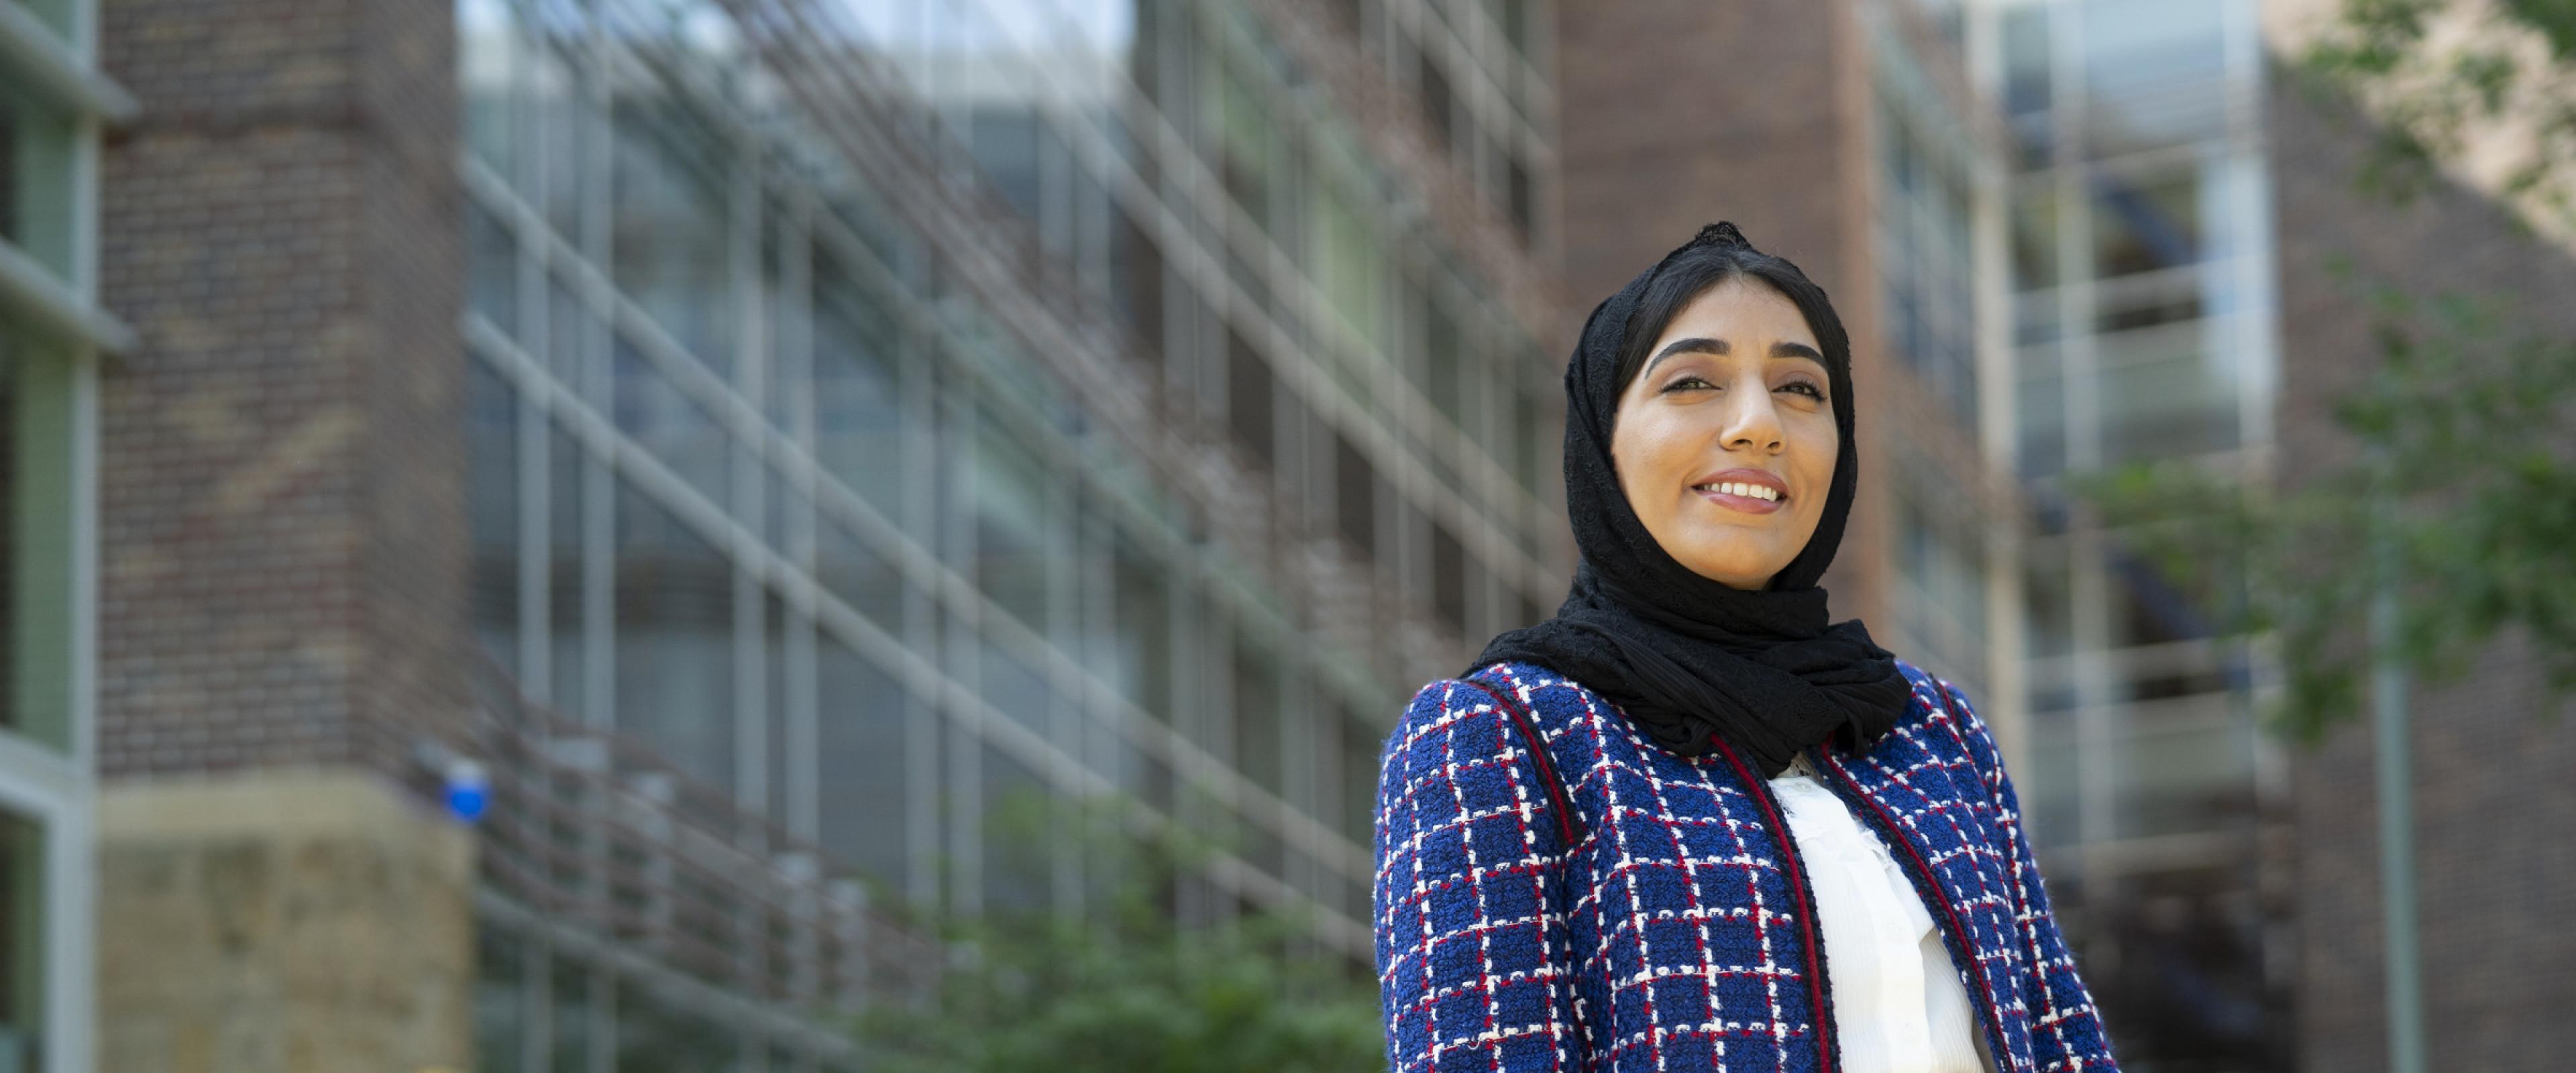 A photo of Khadejah Al Muhaisin